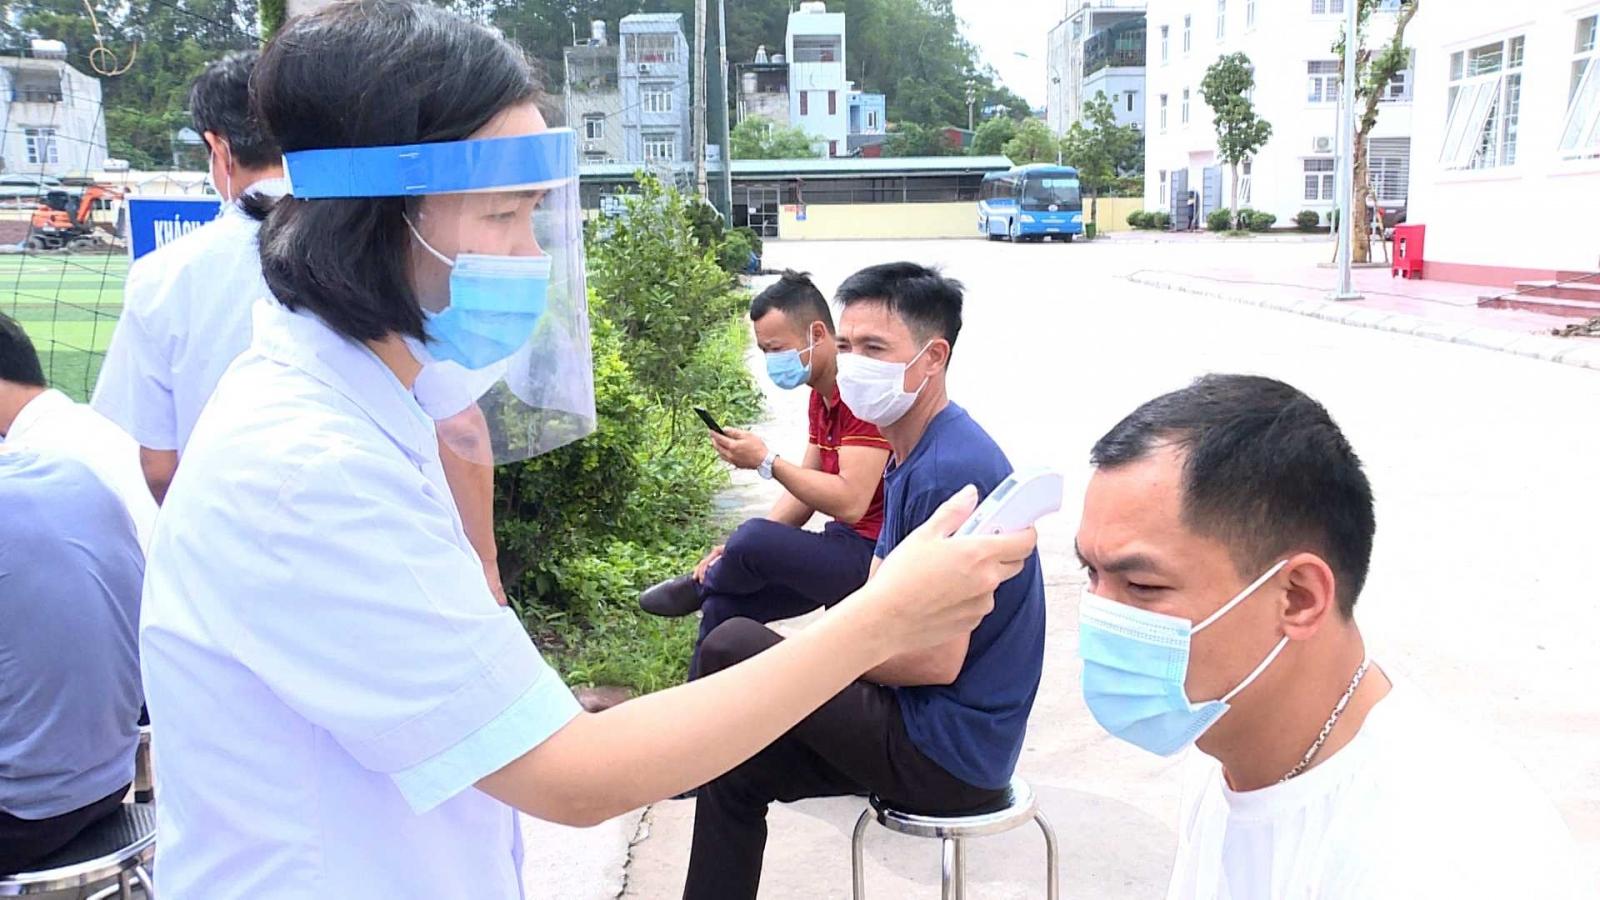 Quảng Ninh tạm dừng hoạt động khám chữa bệnh của cơ sở y tế tư nhân